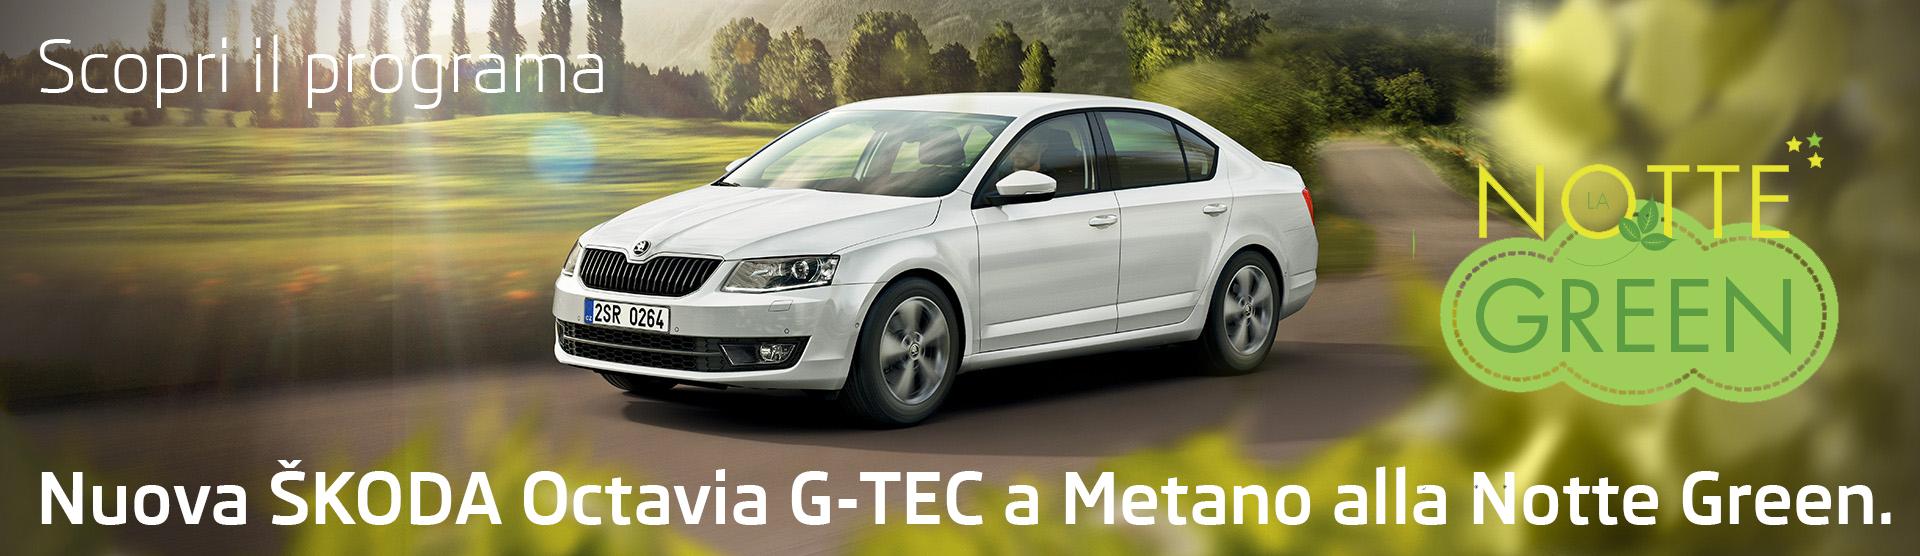 Nuova Skoda Octavia GTEC alla Notte Green